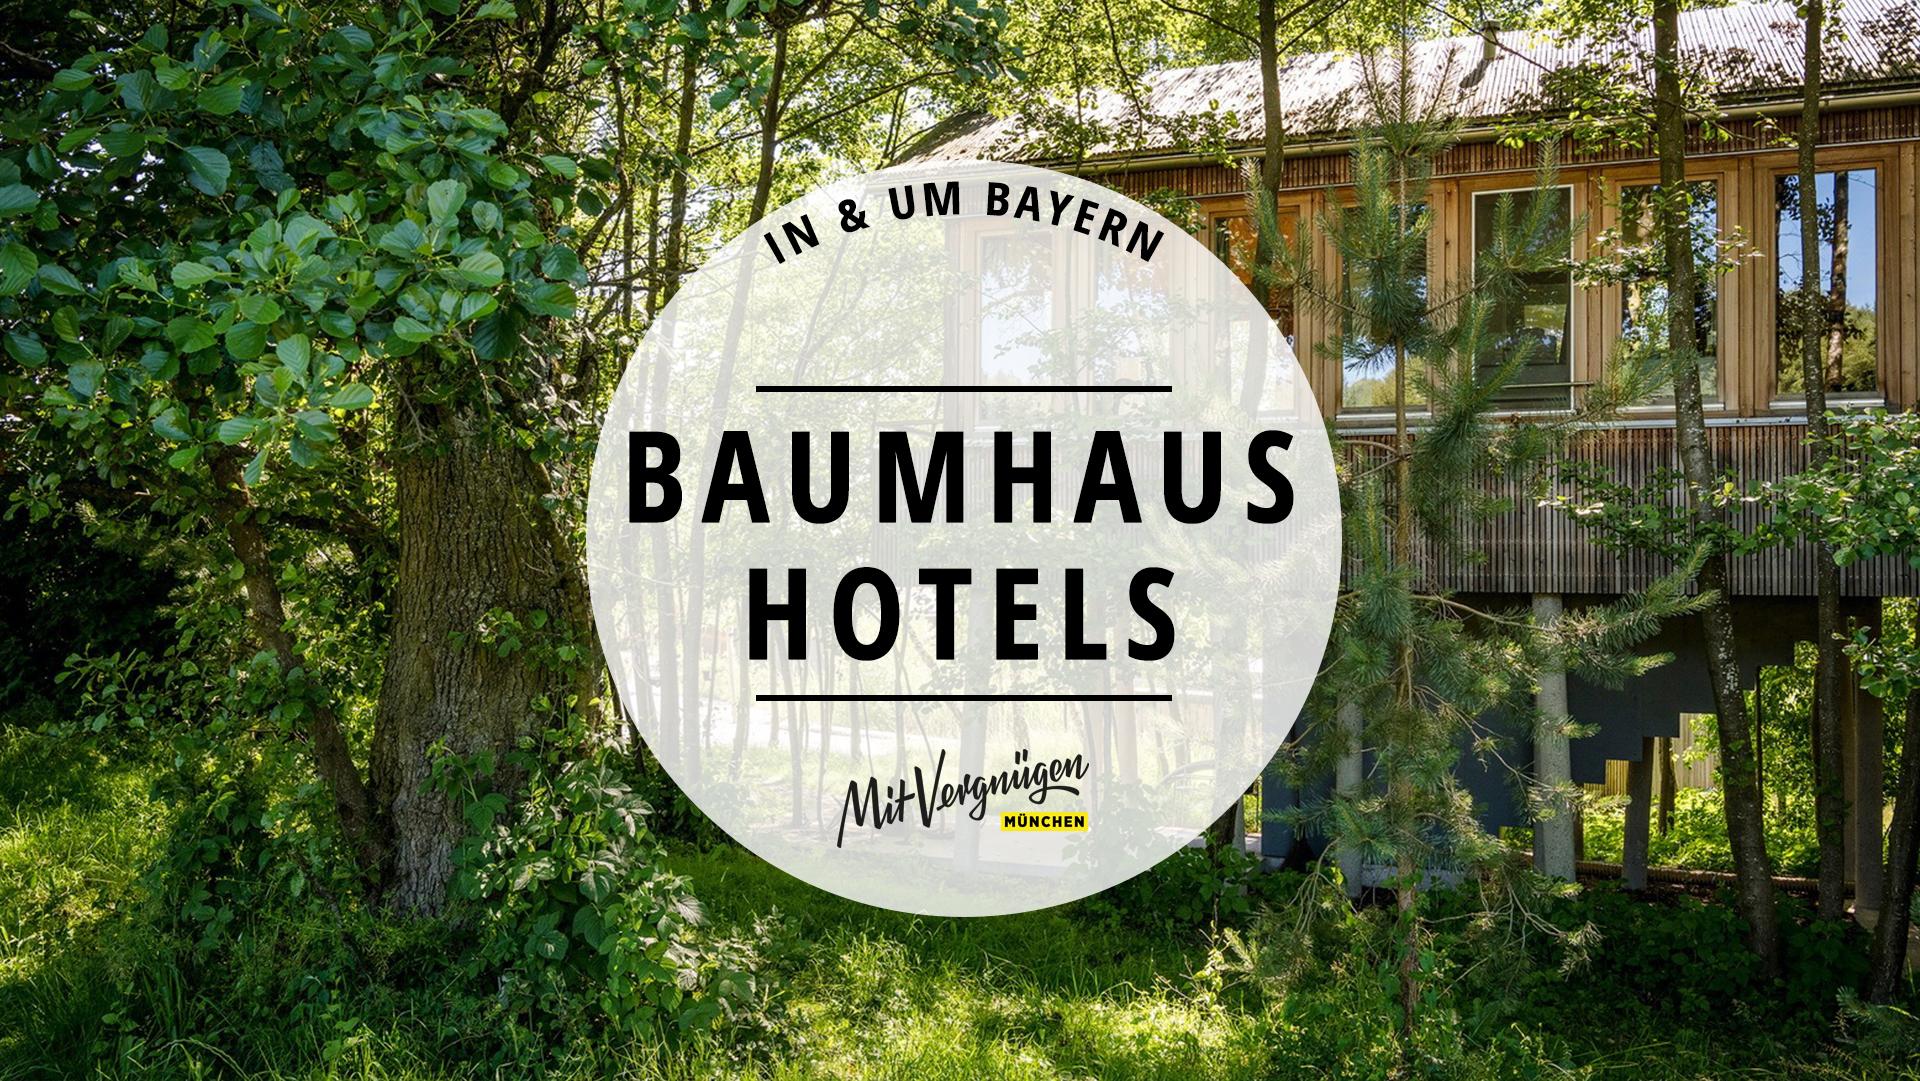 11 Gemütliche Baumhaus Hotels Für Einen Wochenendausflug | Mit Vergnügen  München